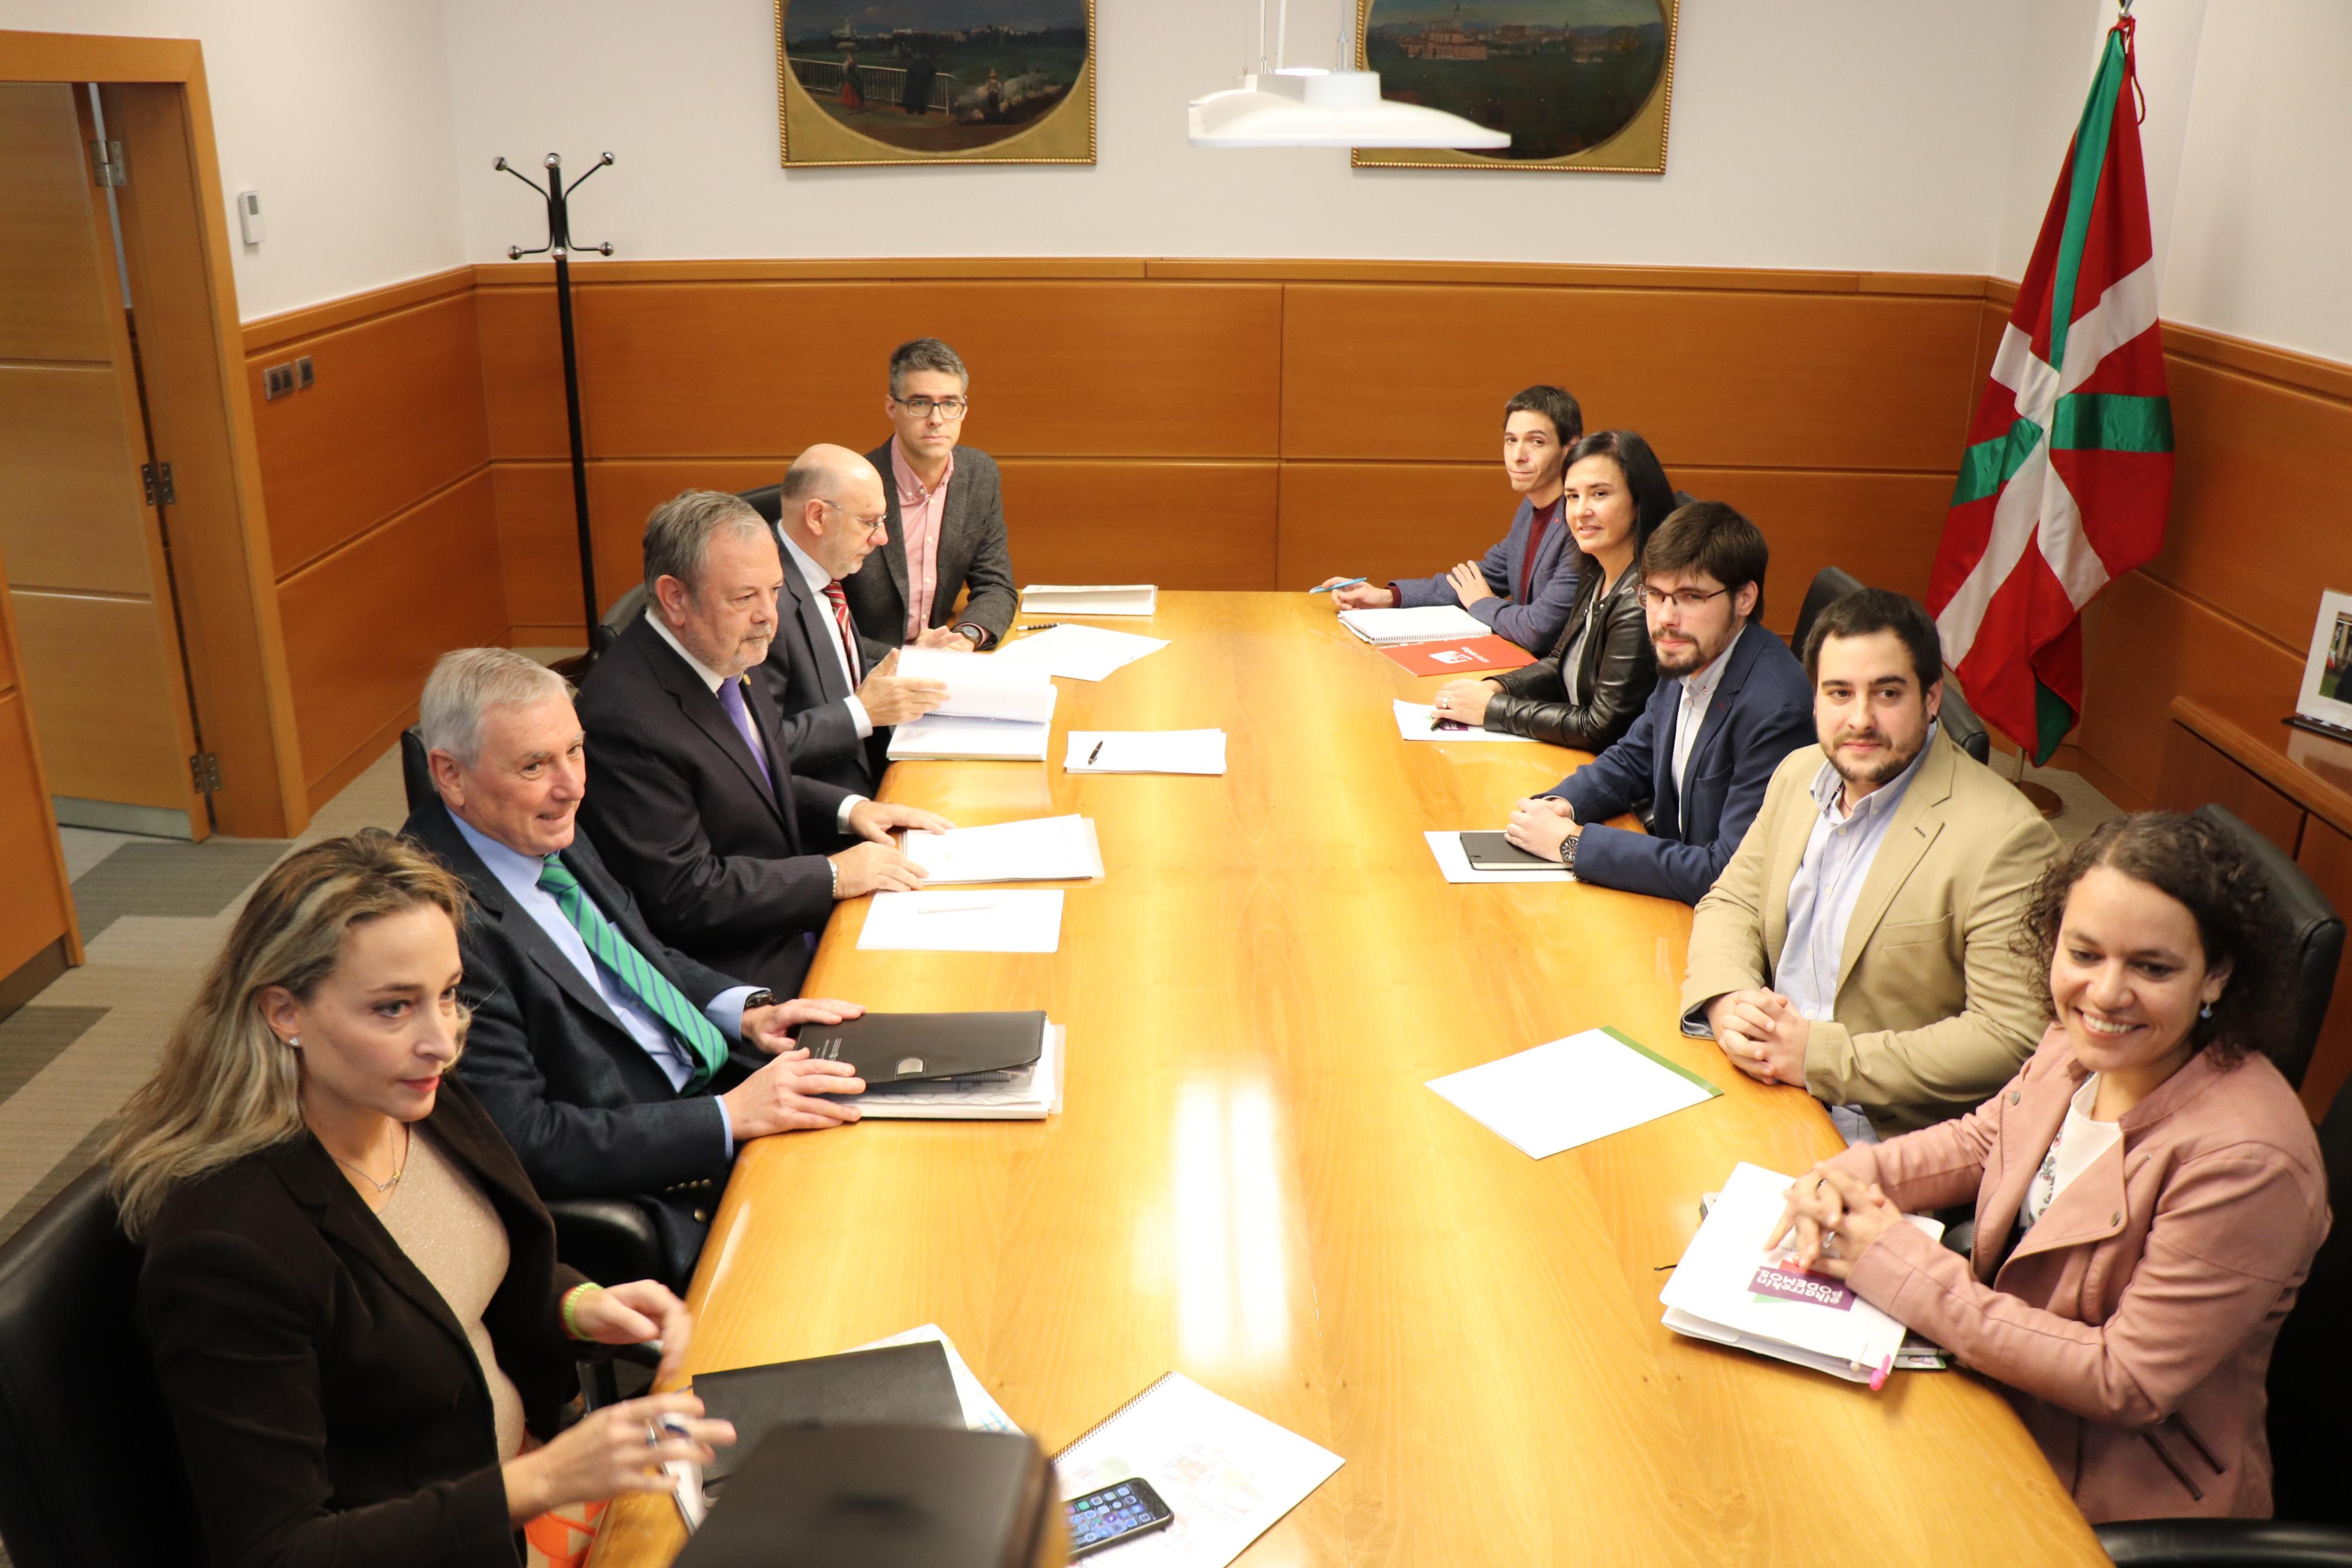 El Consejero Azpiazu se reunirá con representantes de ELKARREKIN PODEMOS para continuar con las negociaciones  tras las comparecencias de los departamentos, de cara a lograr un acuerdo de los Presupuestos 2019